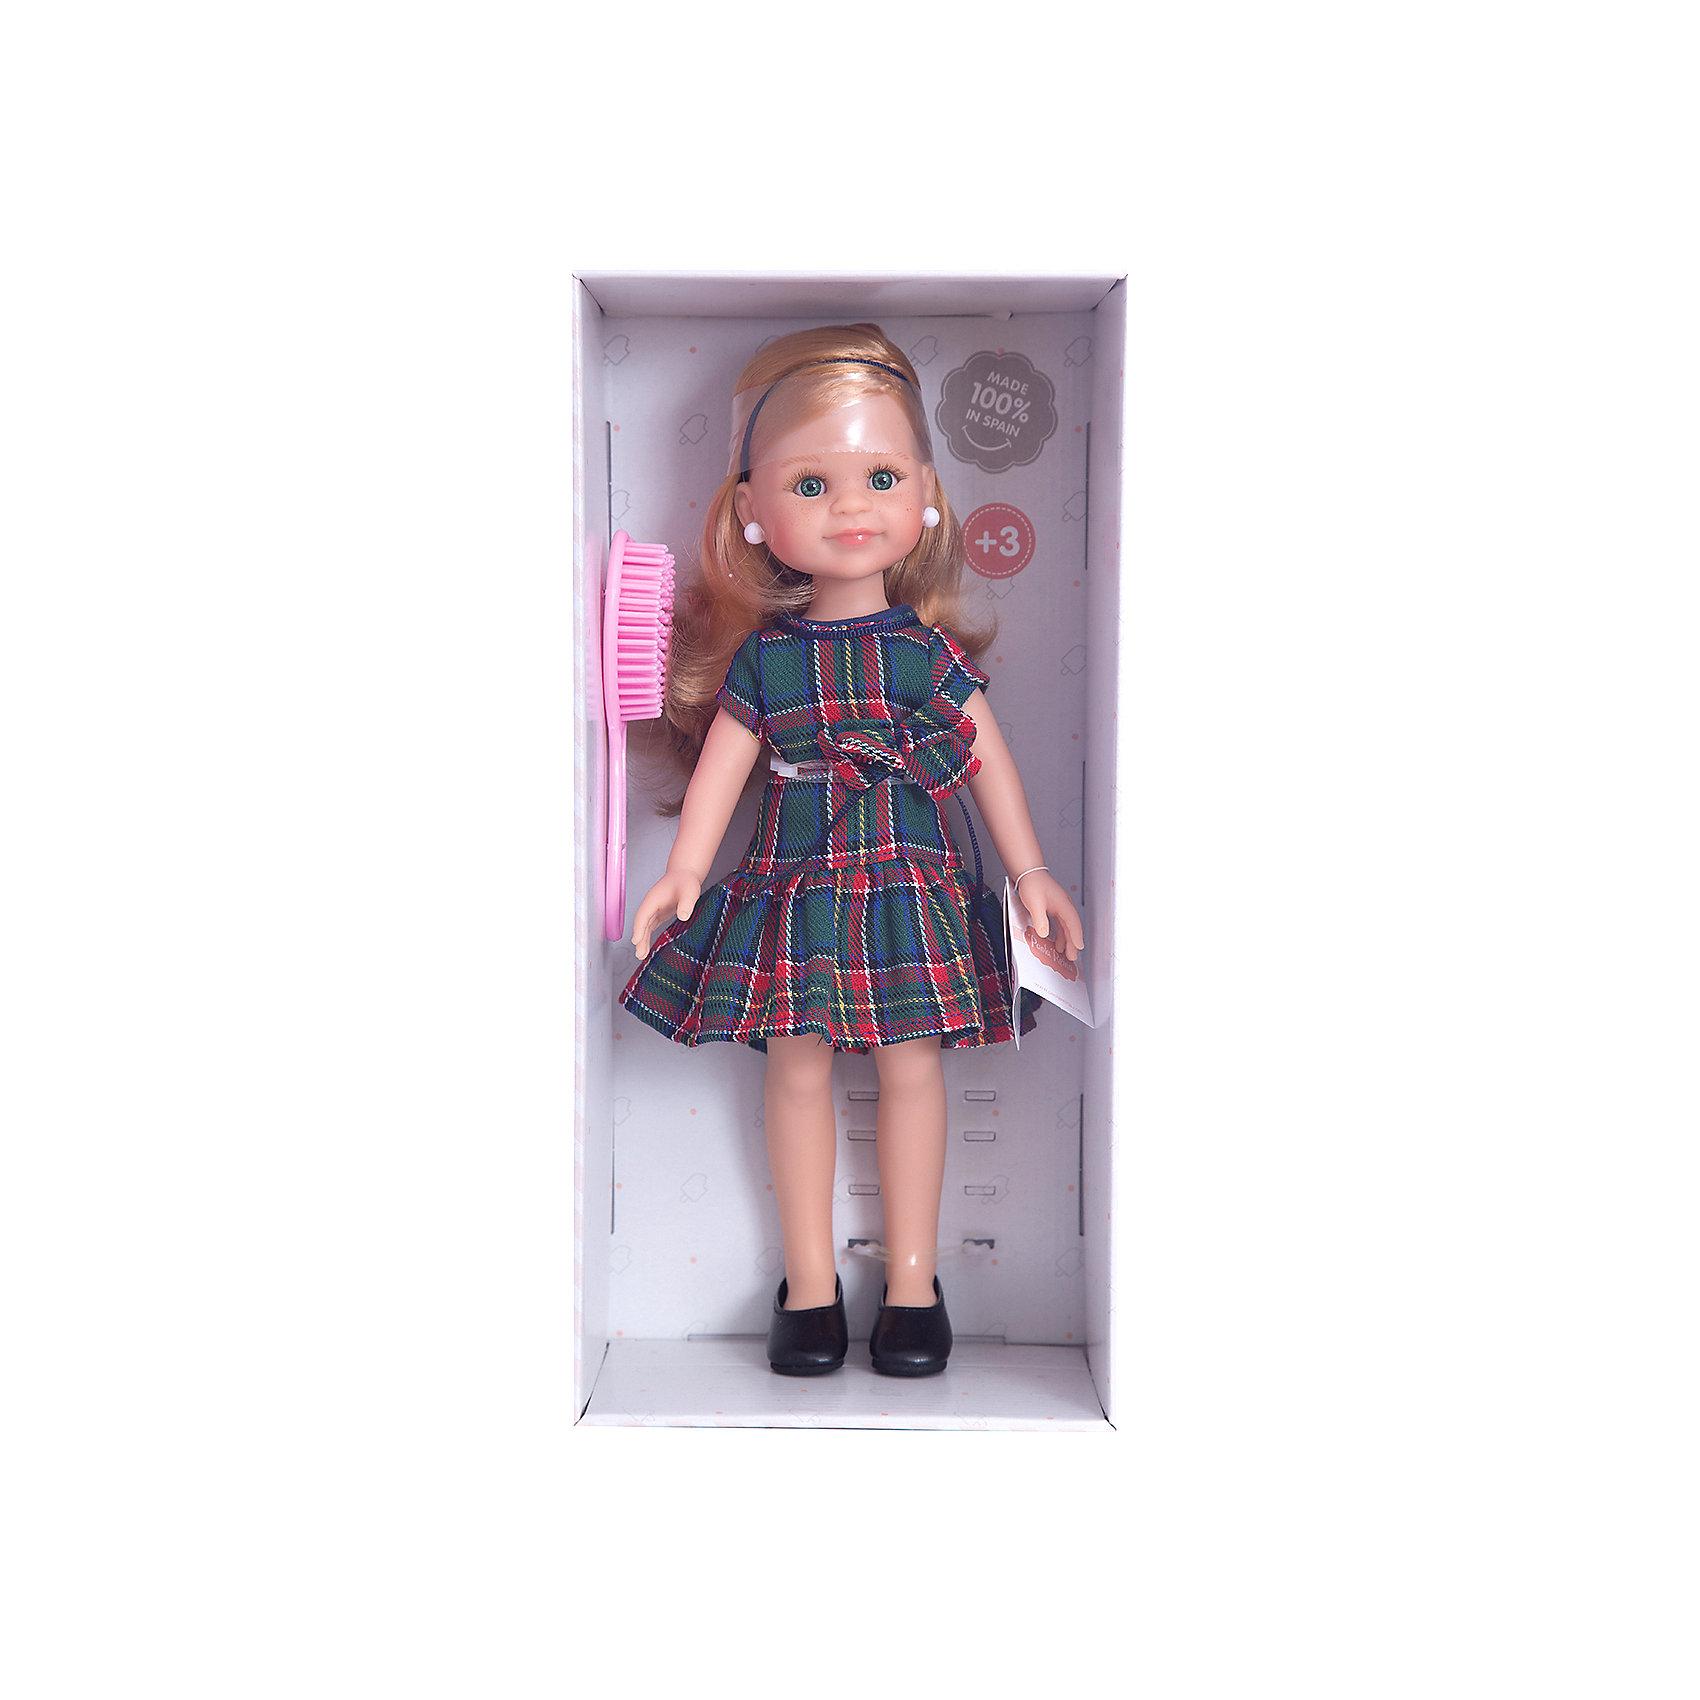 Кукла Клэр, 32 смКлассические куклы<br>Куклы Паола Рейна  имеют нежный ванильный аромат, одеты в модную яркую одежду с аксессуарами. Выразительная мимика, уникальный и неповторимый дизайн лица и тела.<br>Качество подтверждено нормами безопасности EN17 ЕЭС. <br>Материалы: кукла изготовлена из винила; глаза выполнены в виде кристалла из прозрачного твердого пластика; волосы сделаны из высококачественного нейлона.<br><br>Ширина мм: 11<br>Глубина мм: 23<br>Высота мм: 41<br>Вес г: 667<br>Возраст от месяцев: 36<br>Возраст до месяцев: 144<br>Пол: Женский<br>Возраст: Детский<br>SKU: 4859654